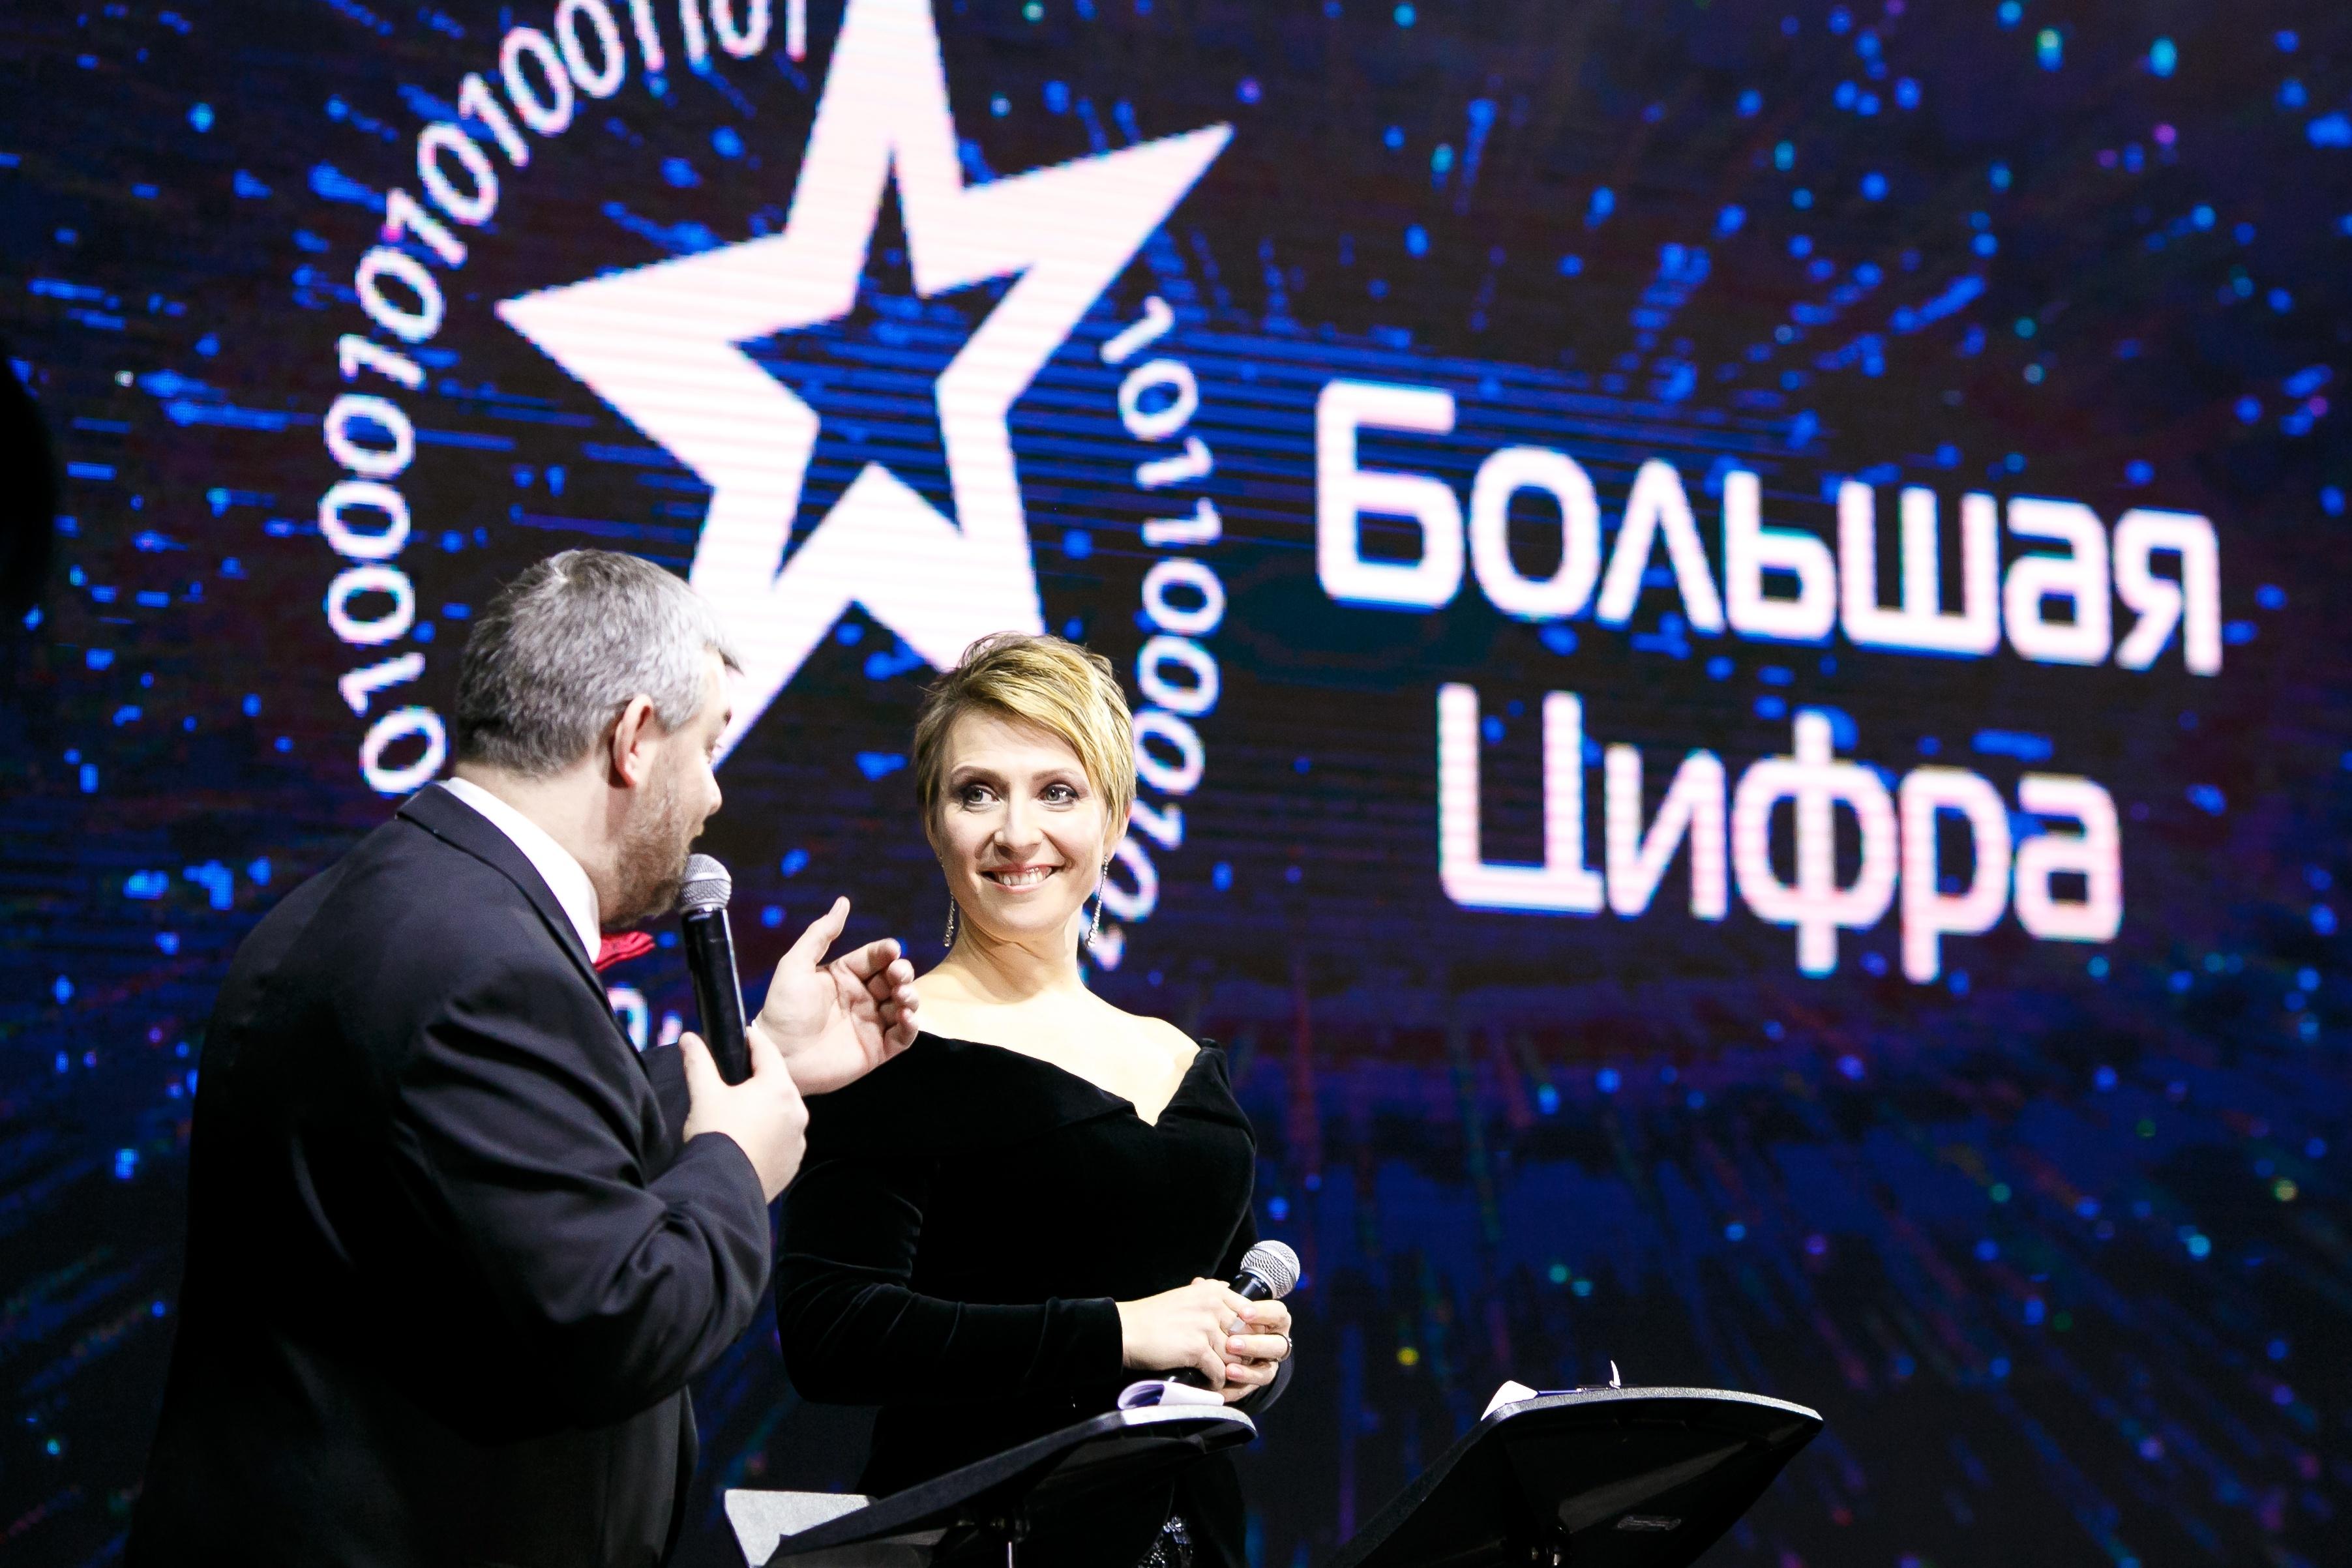 Сформировано жюри юбилейной 10-й Национальной Премии «Большая Цифра»